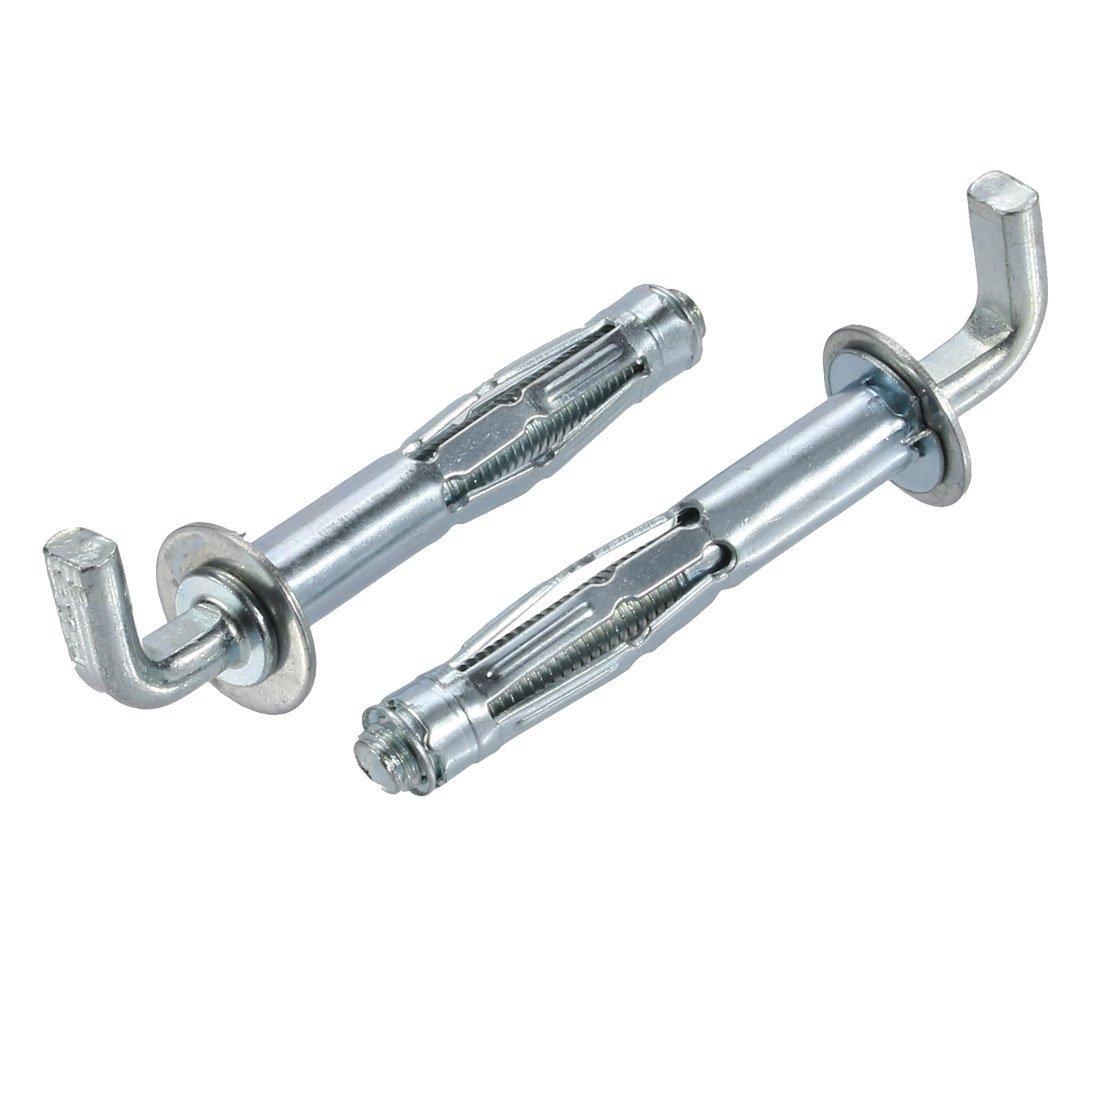 uxcell 2Pcs M8 Thread 65mm Length Zinc Plated Hollow Wall Anchor L-Shape Hook Assortment